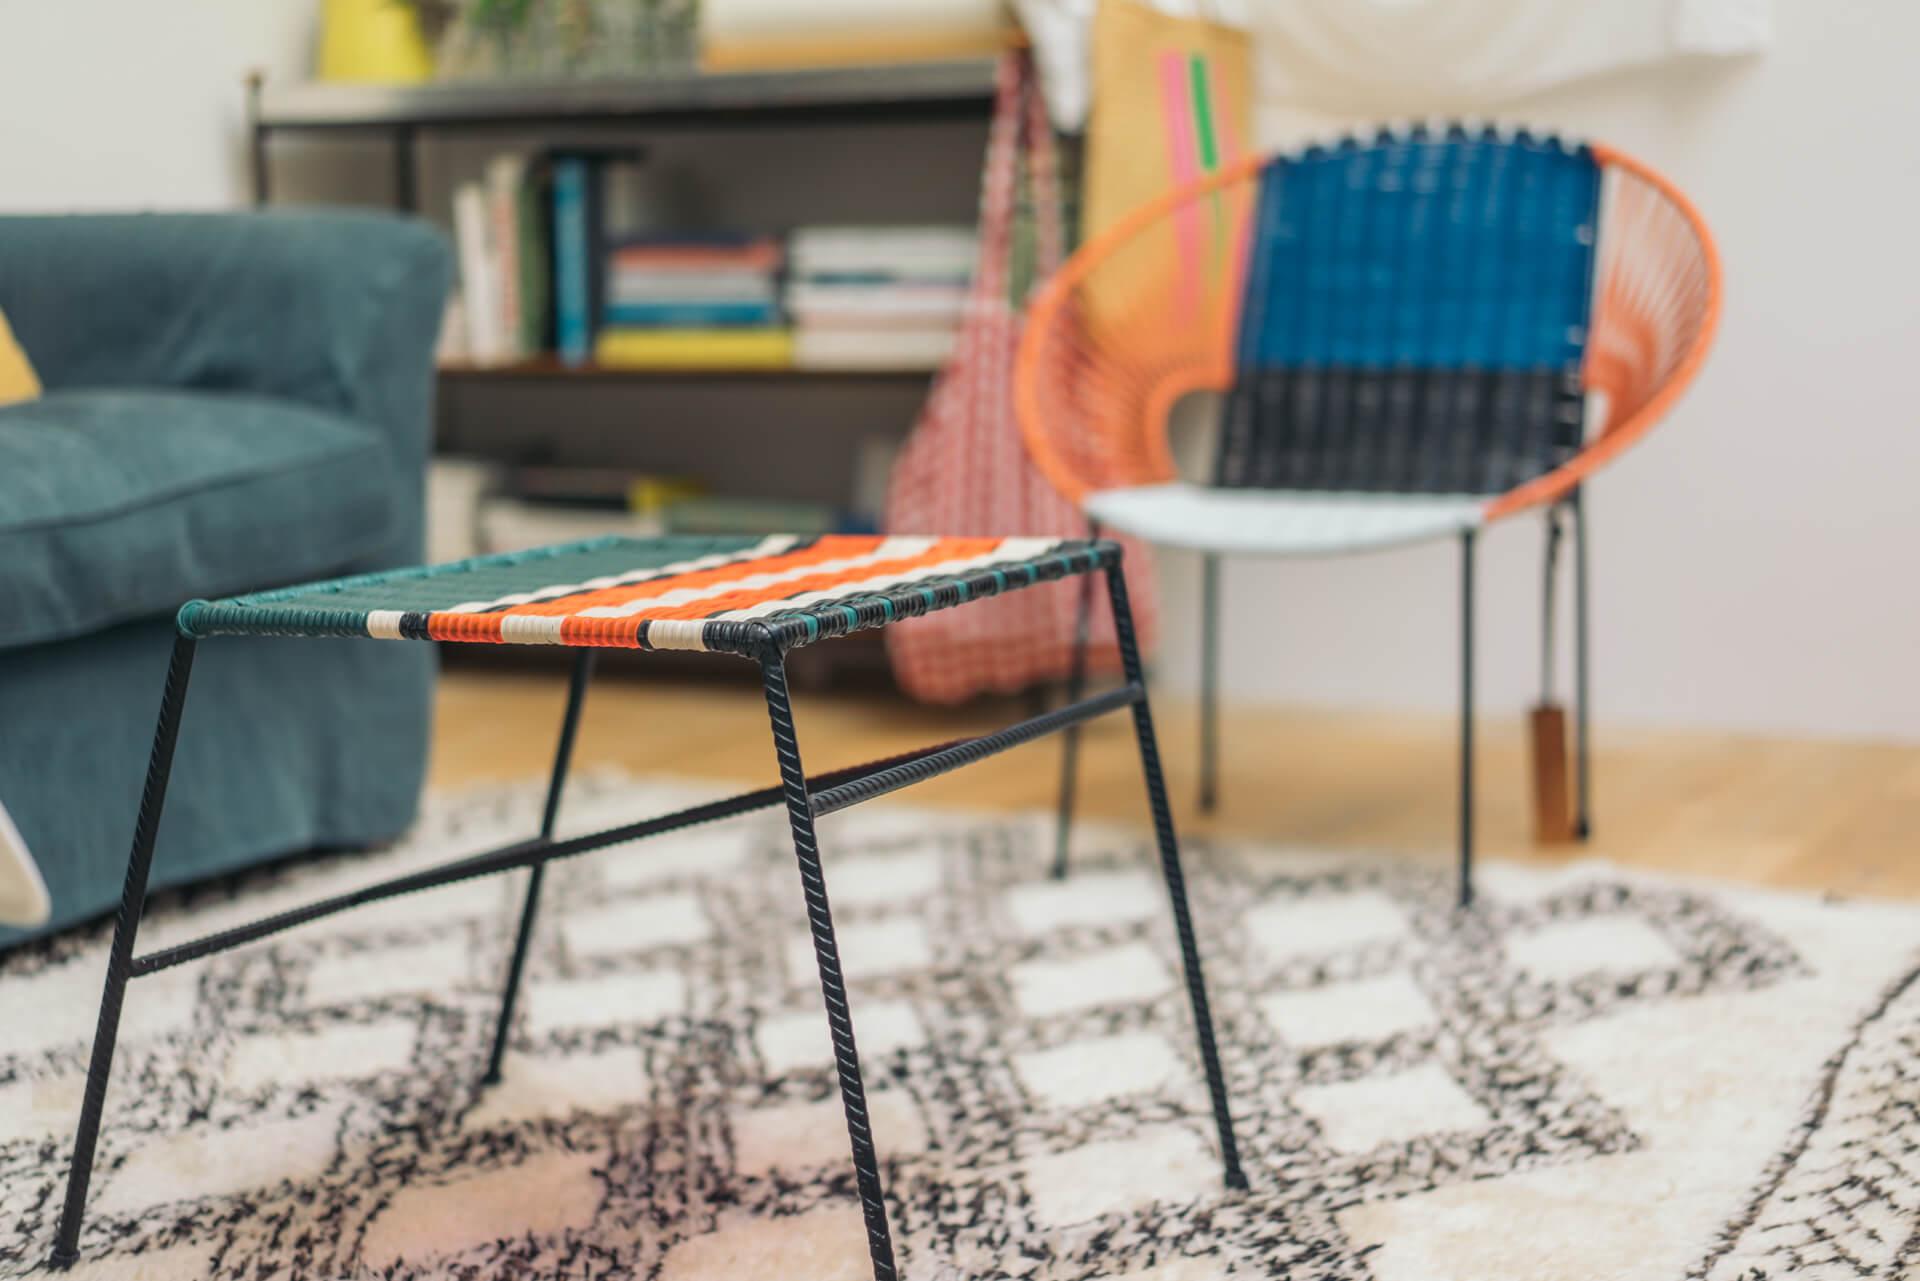 ネオンカラーが印象的なリビングのテーブル、椅子はファッションブランドMARNIのもの。